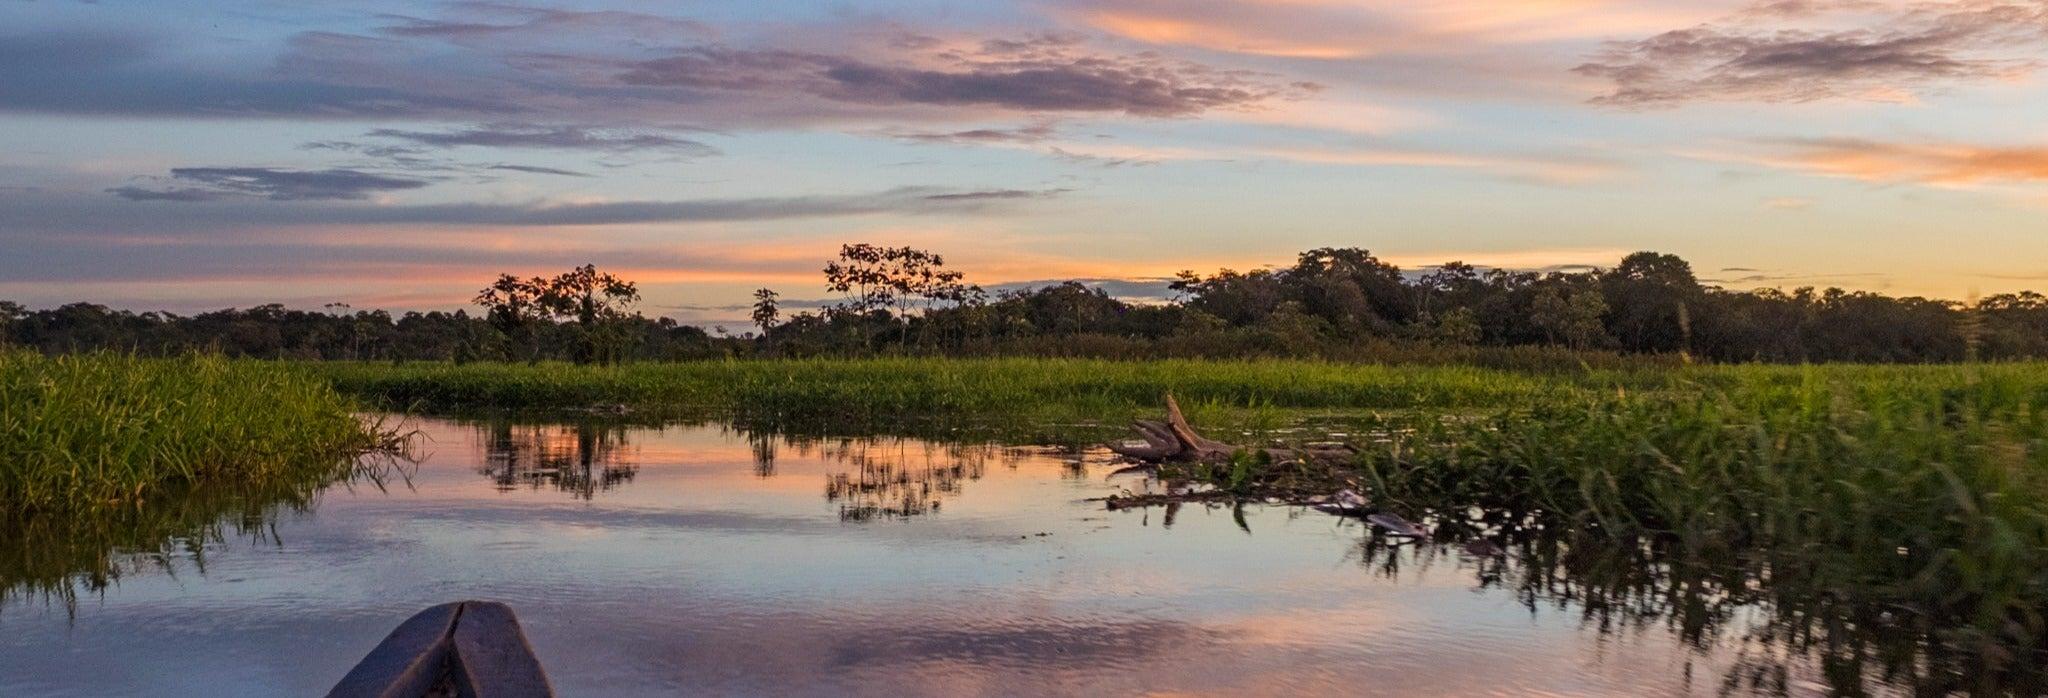 Excursión a la laguna de Yarinacocha